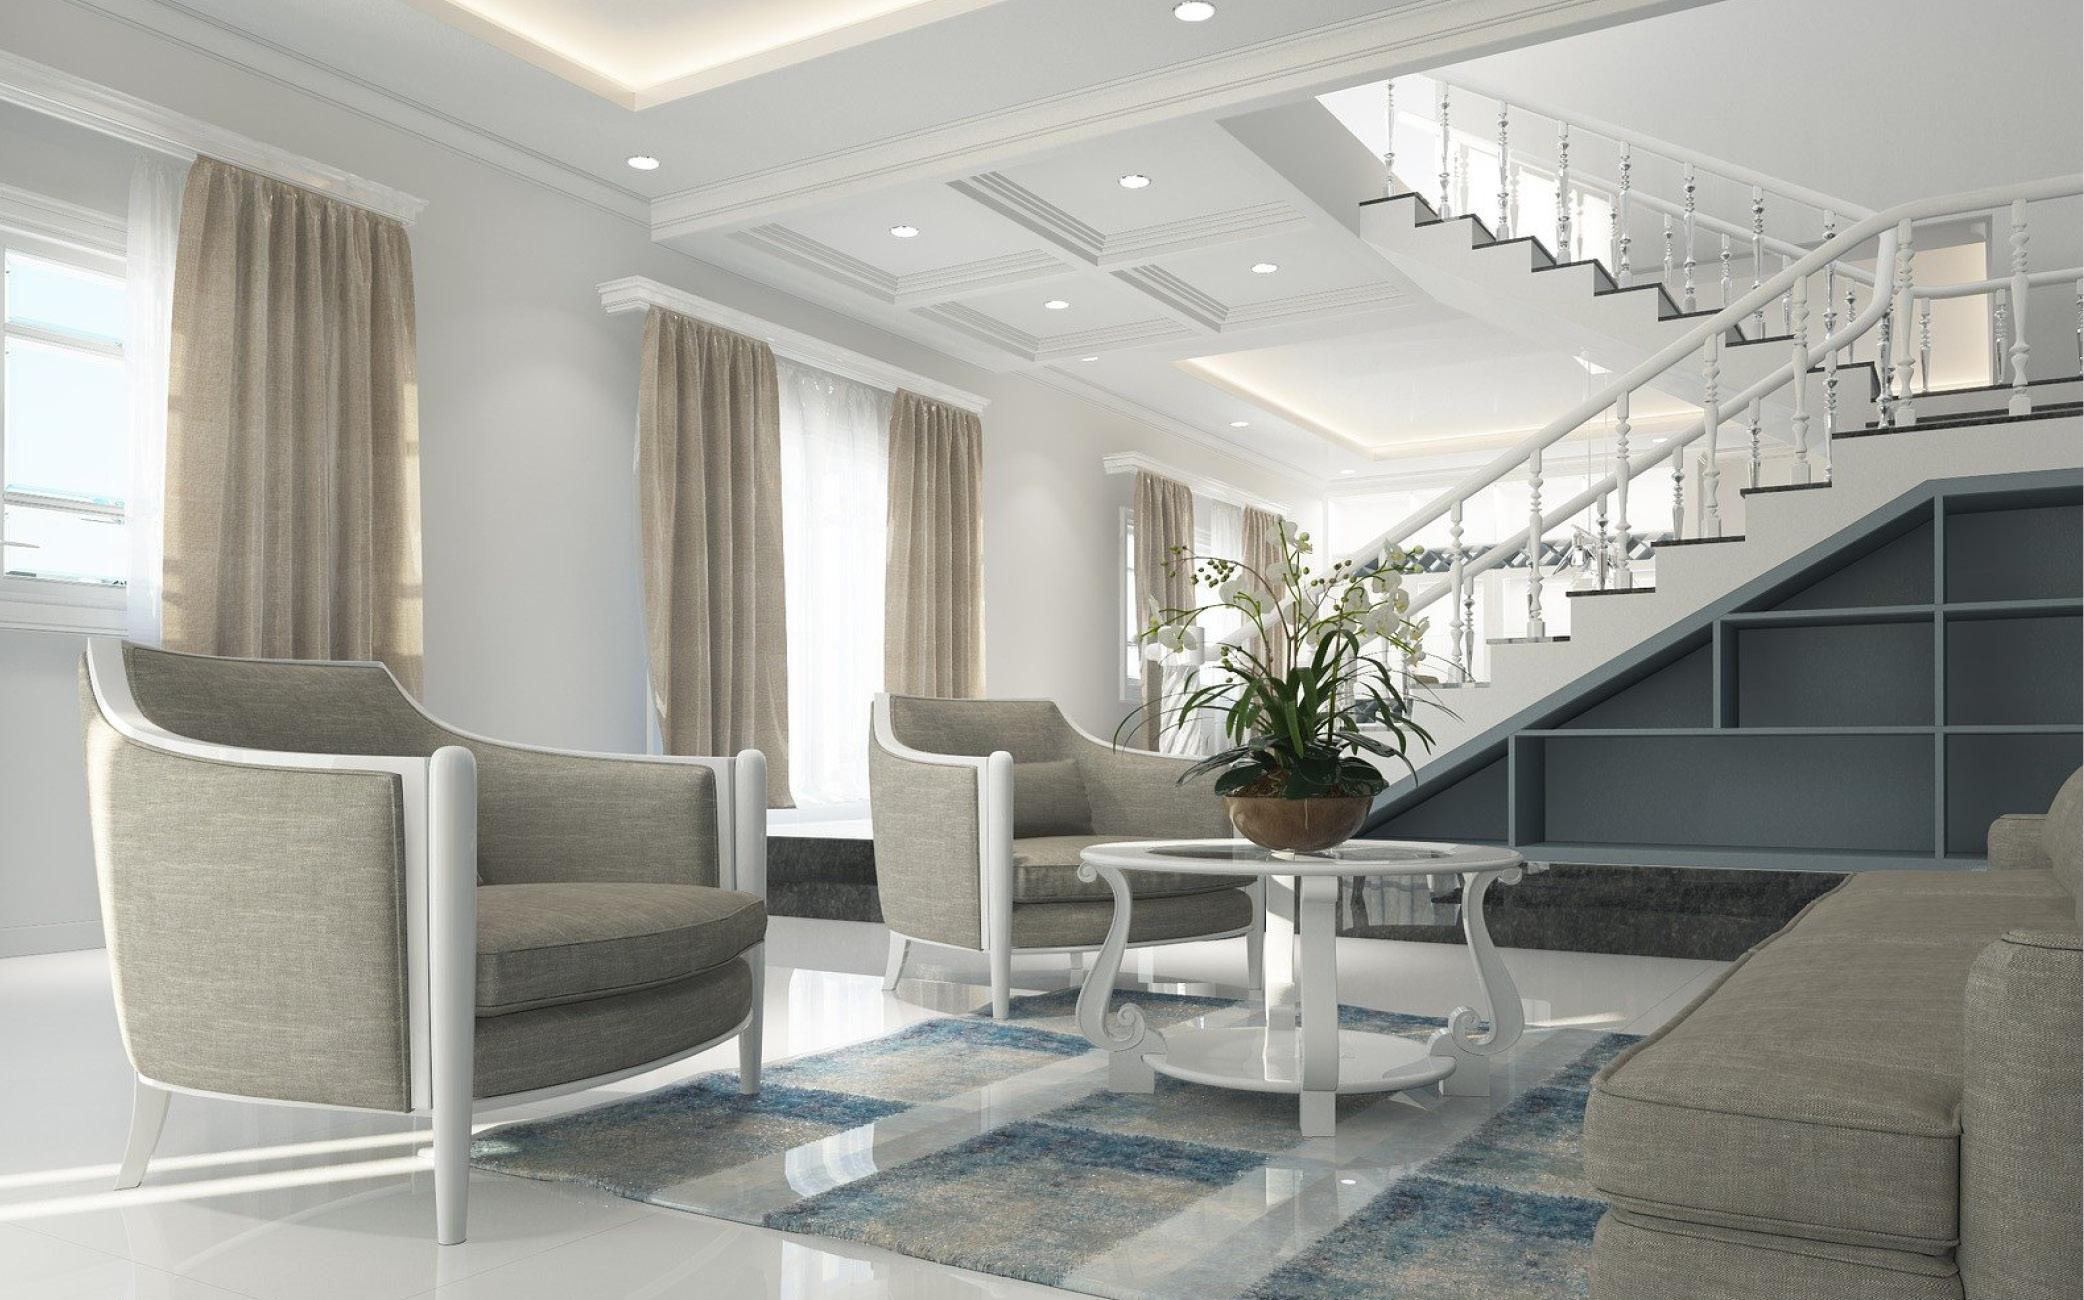 Pequeños retoques para mejorar tu piso: aquí un ejemplo